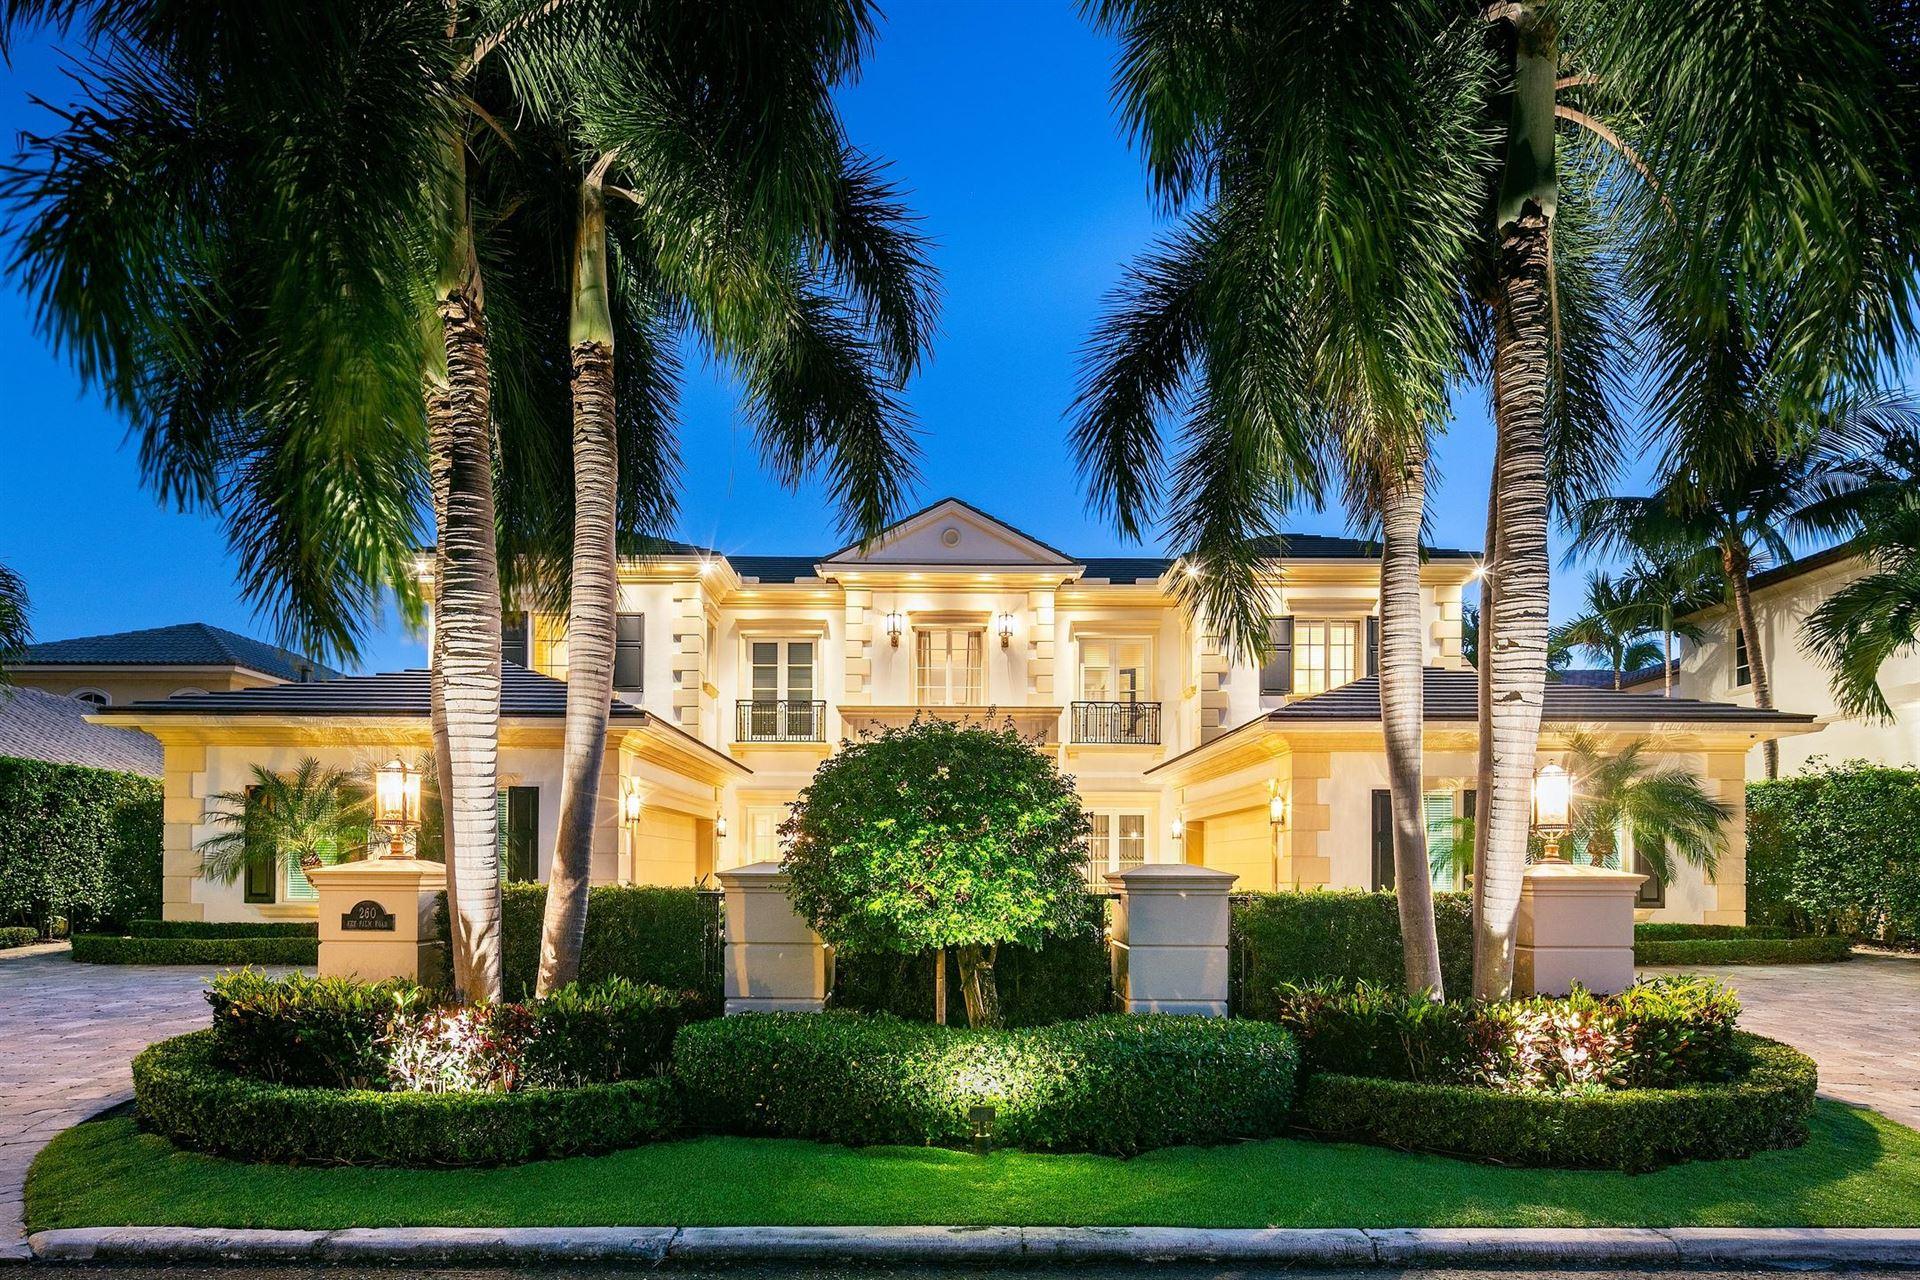 260 W Key Palm Road, Boca Raton, FL 33432 - #: RX-10603361